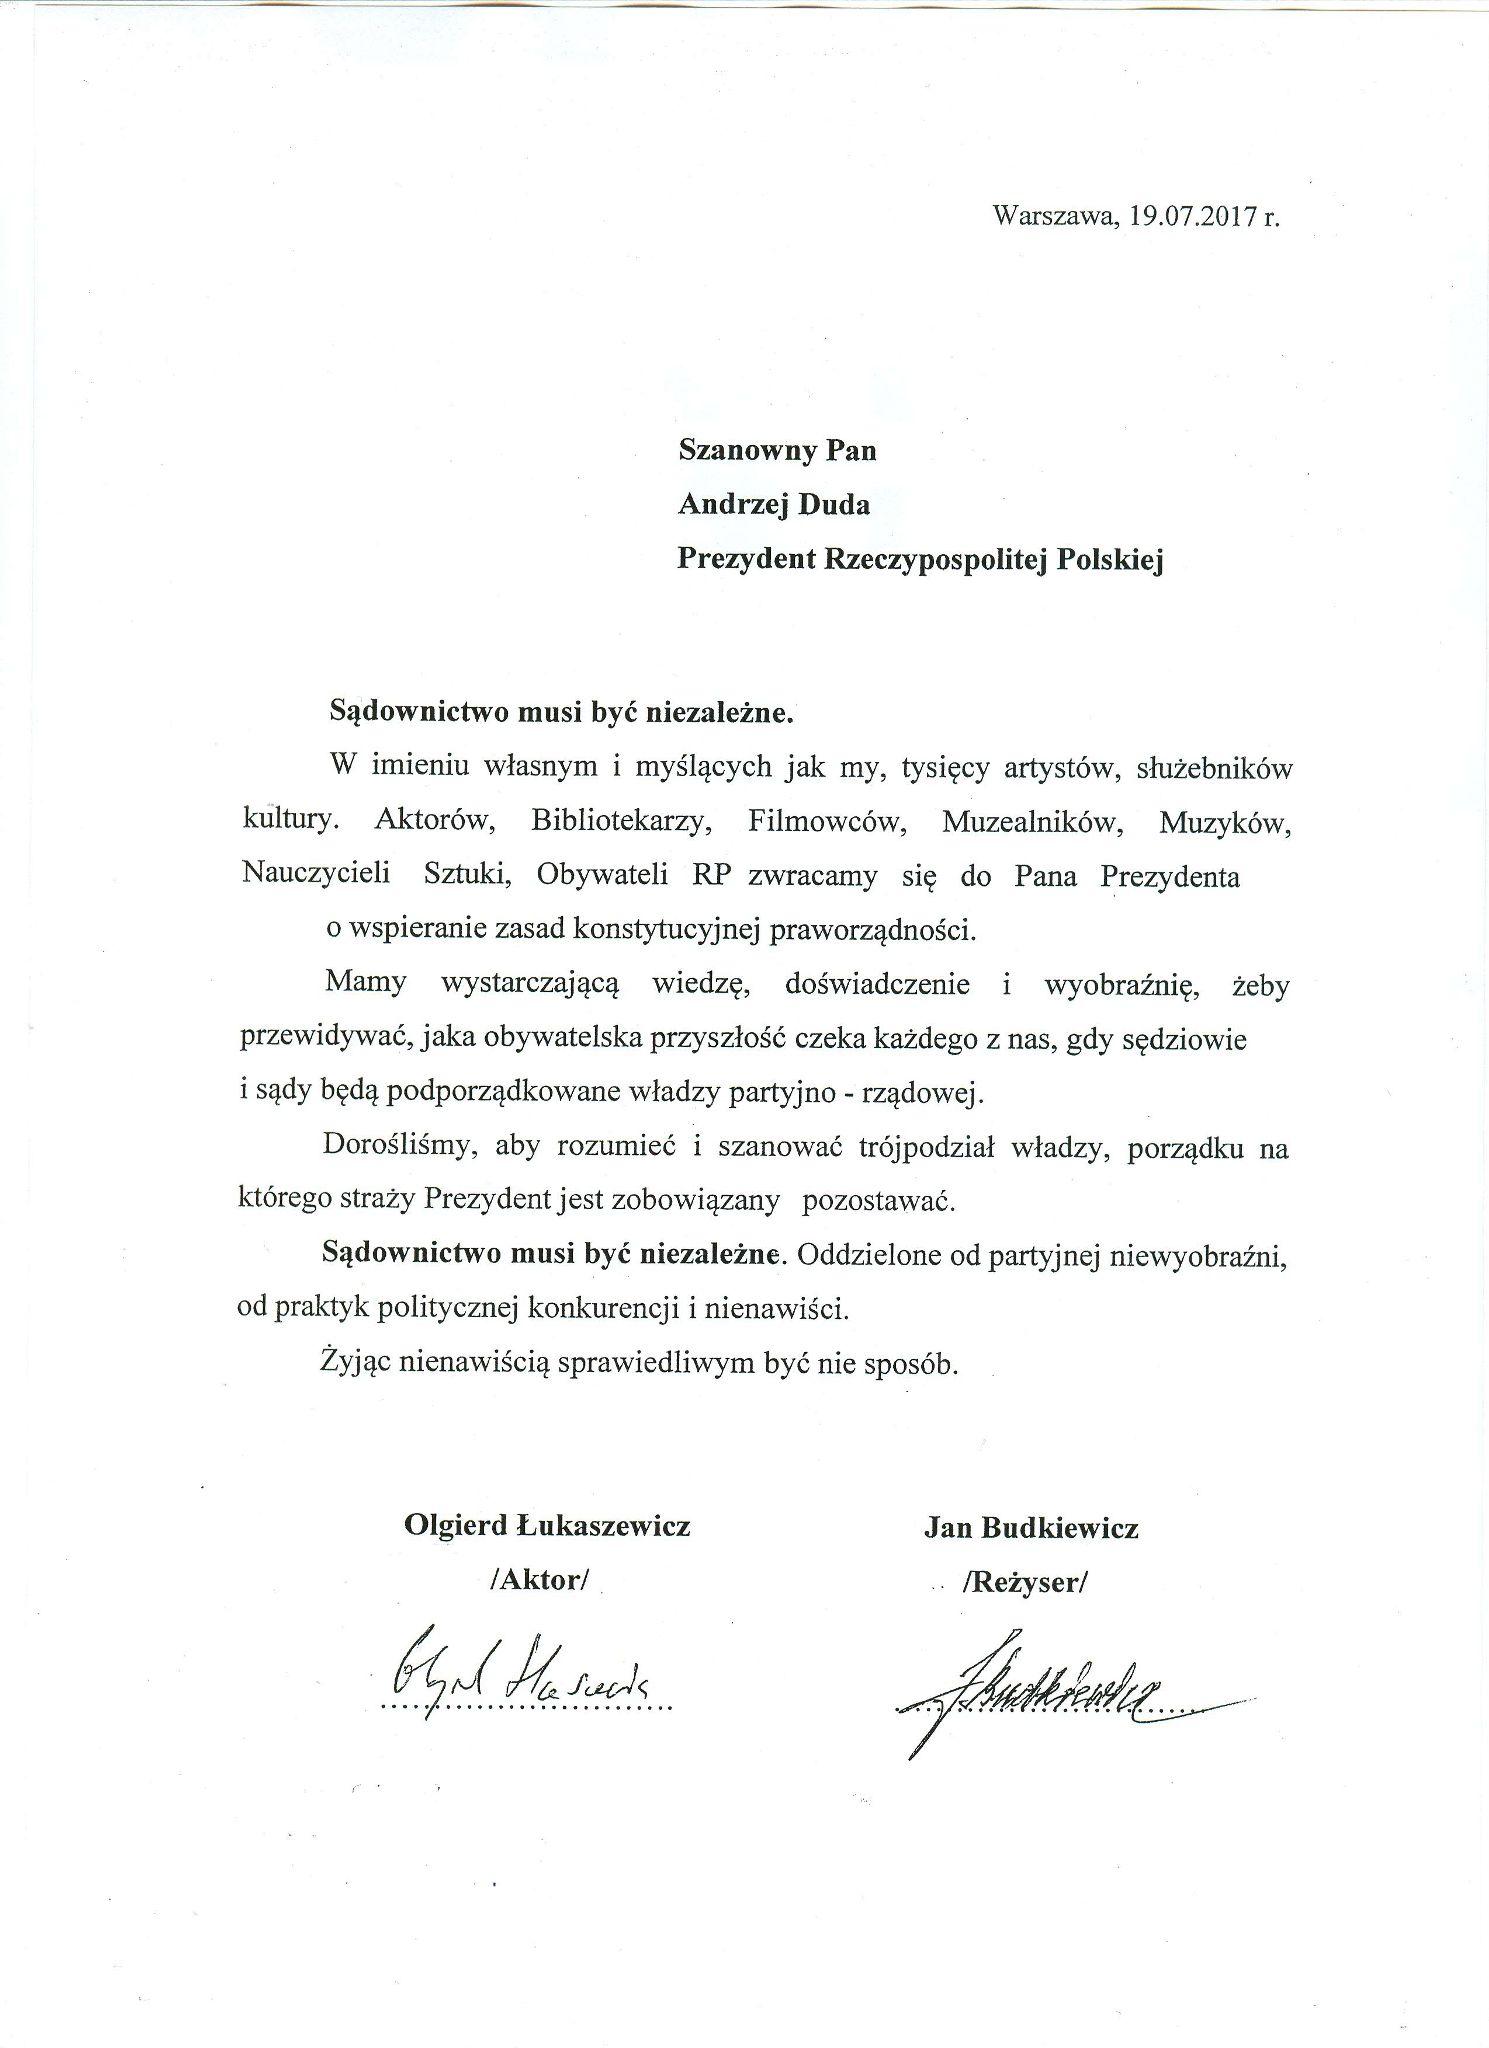 Olgierd Łukaszewicz: NIE MOŻNA MILCZEĆ - List do Prezydenta Andrzeja Dudy - BlogStar.pl